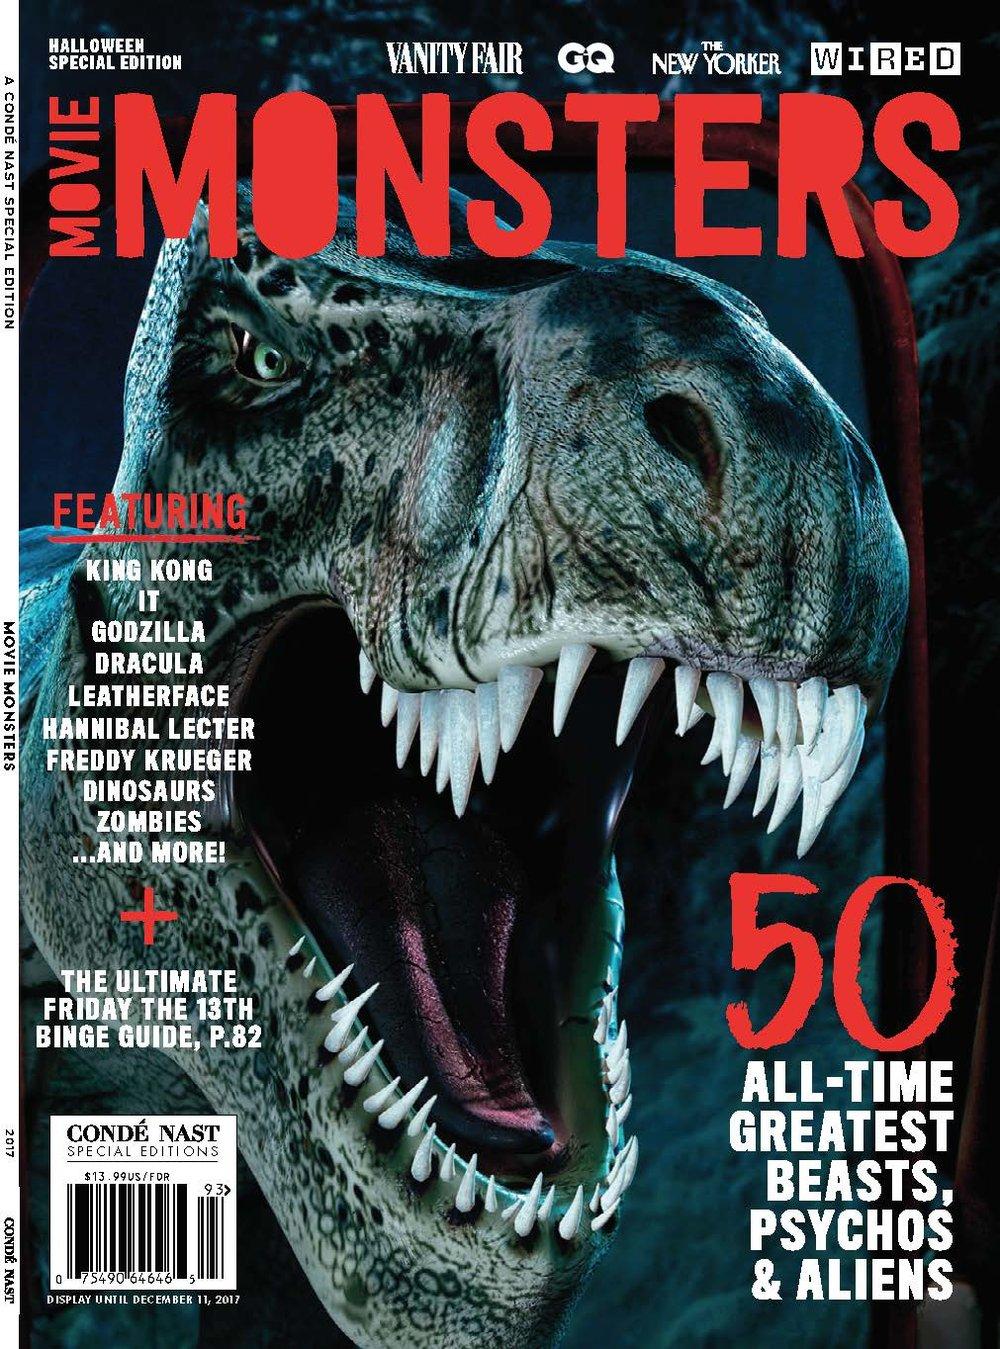 movie_monsters_Page_1.jpg